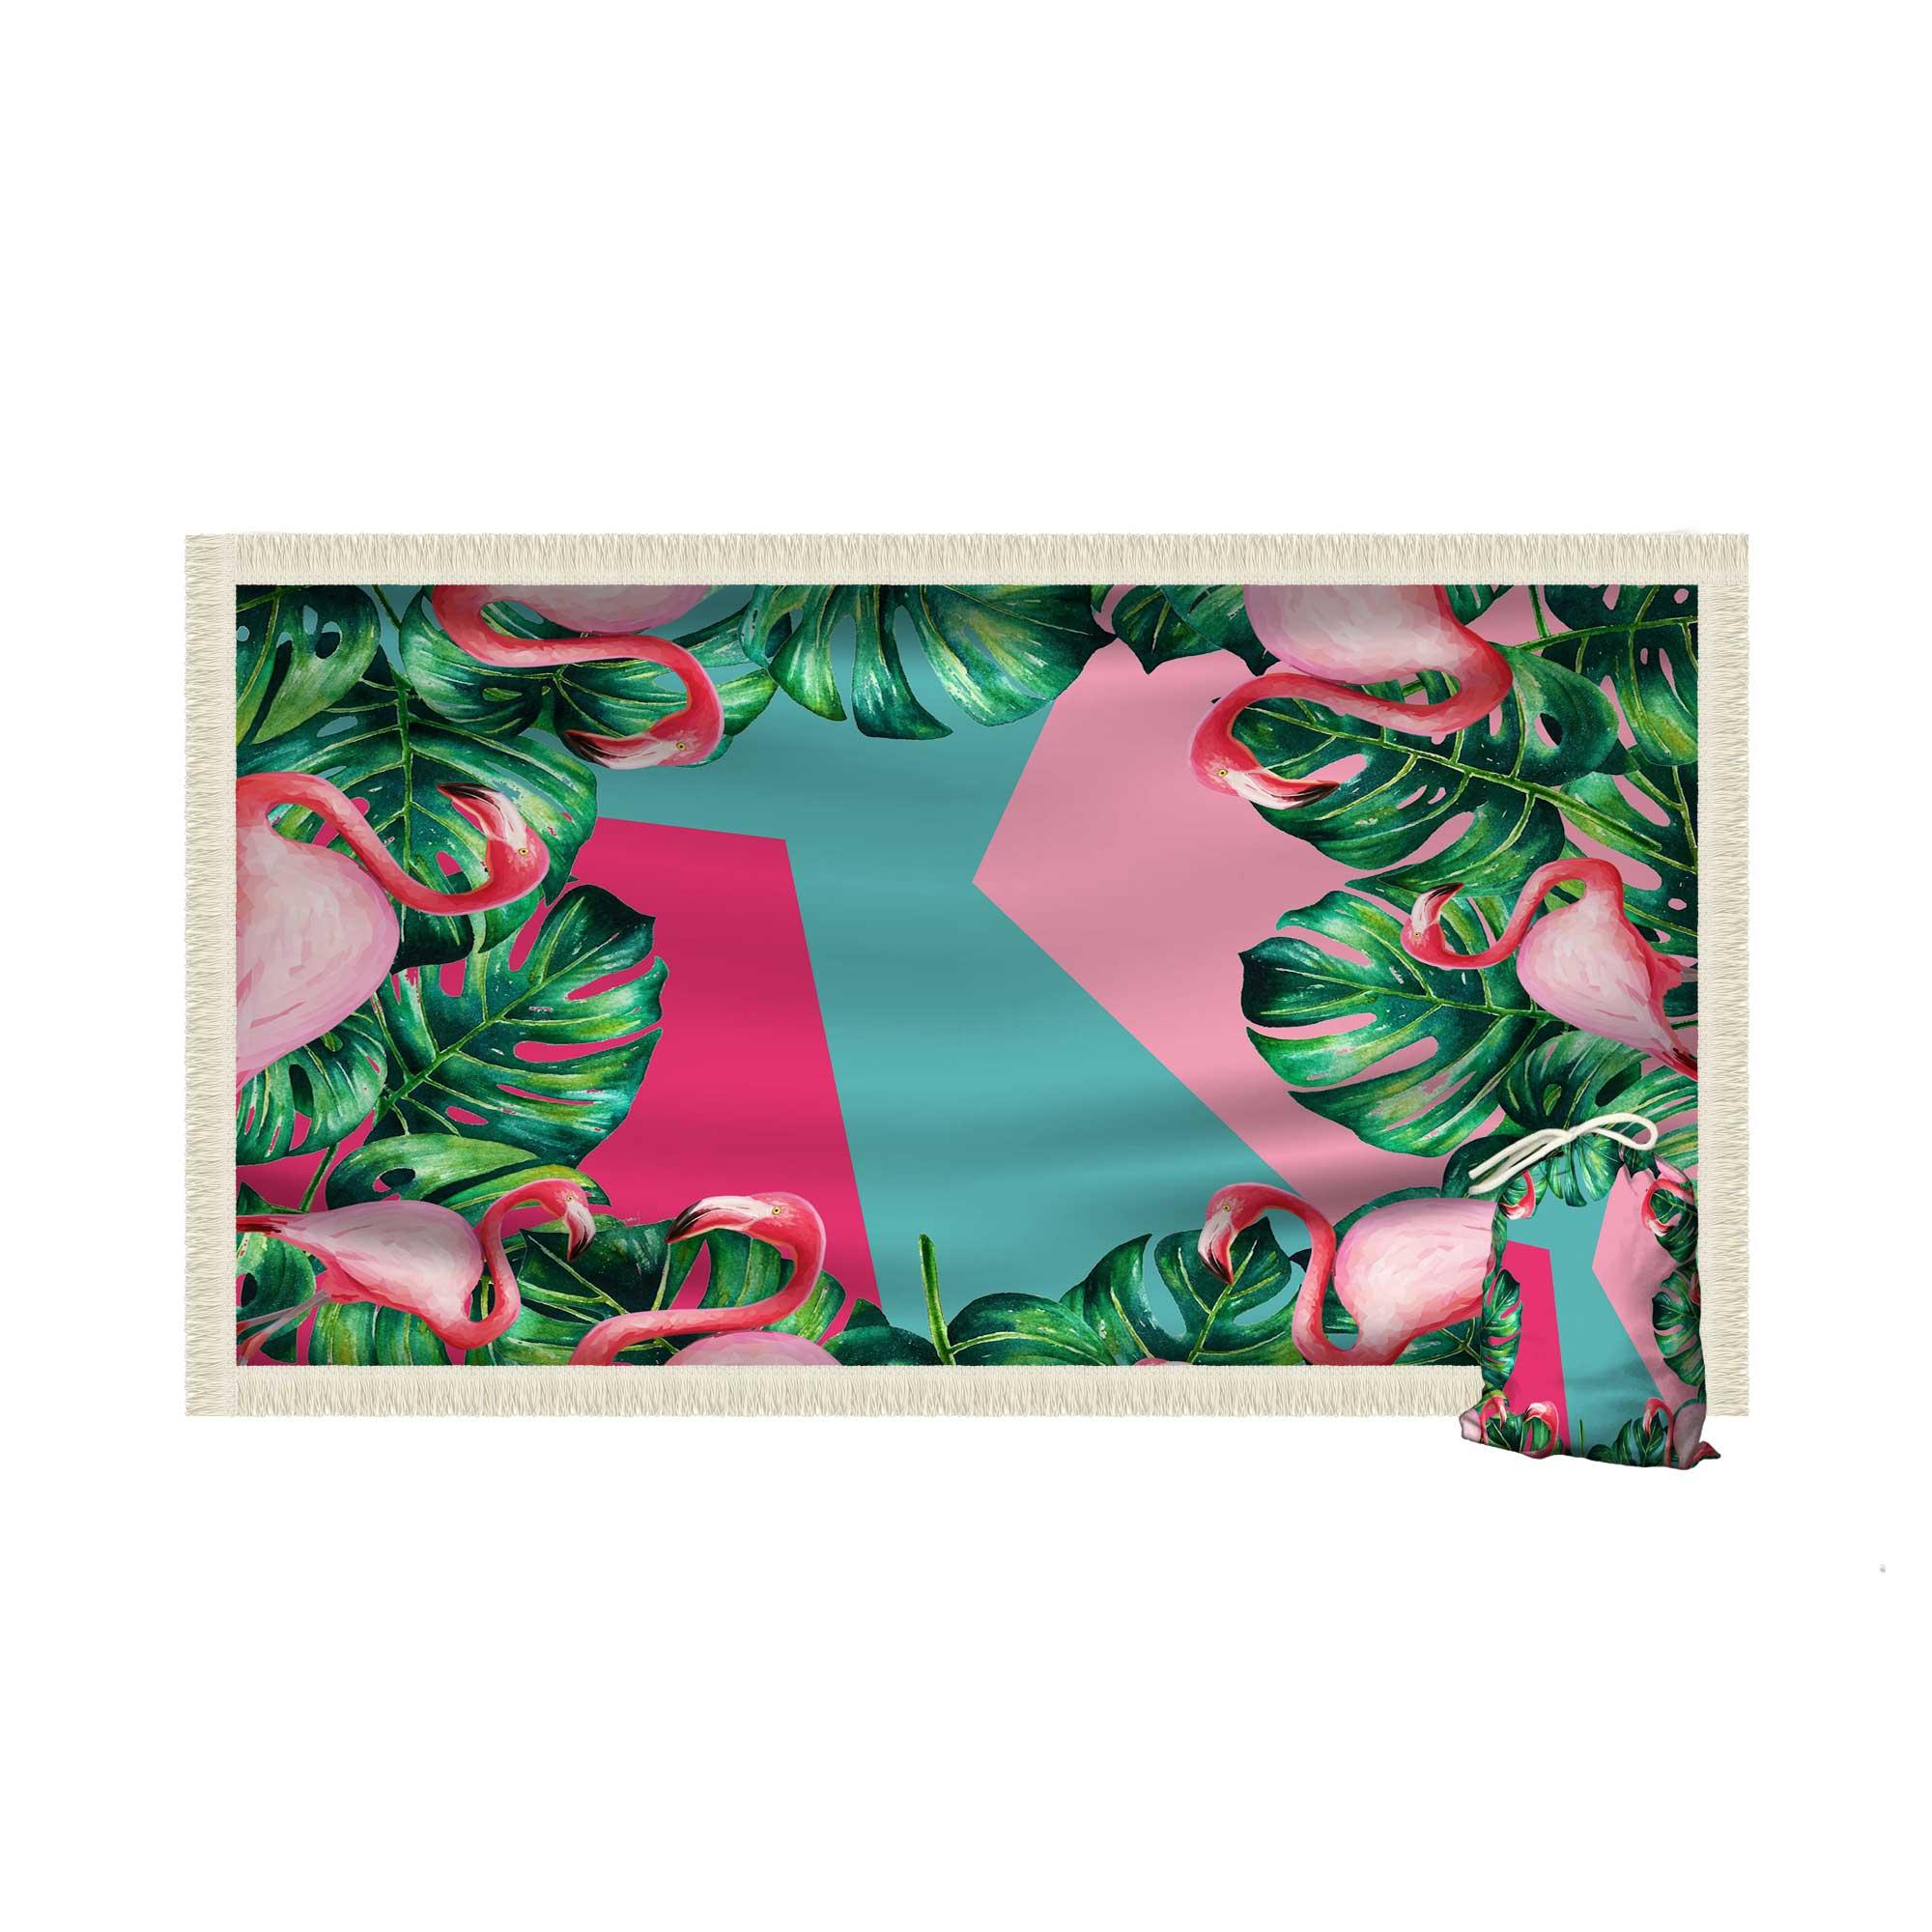 Canga Saida de Praia Retangular com Franja - Flamingo Folhas de Adao 1,5 x 1m-CGR-0002